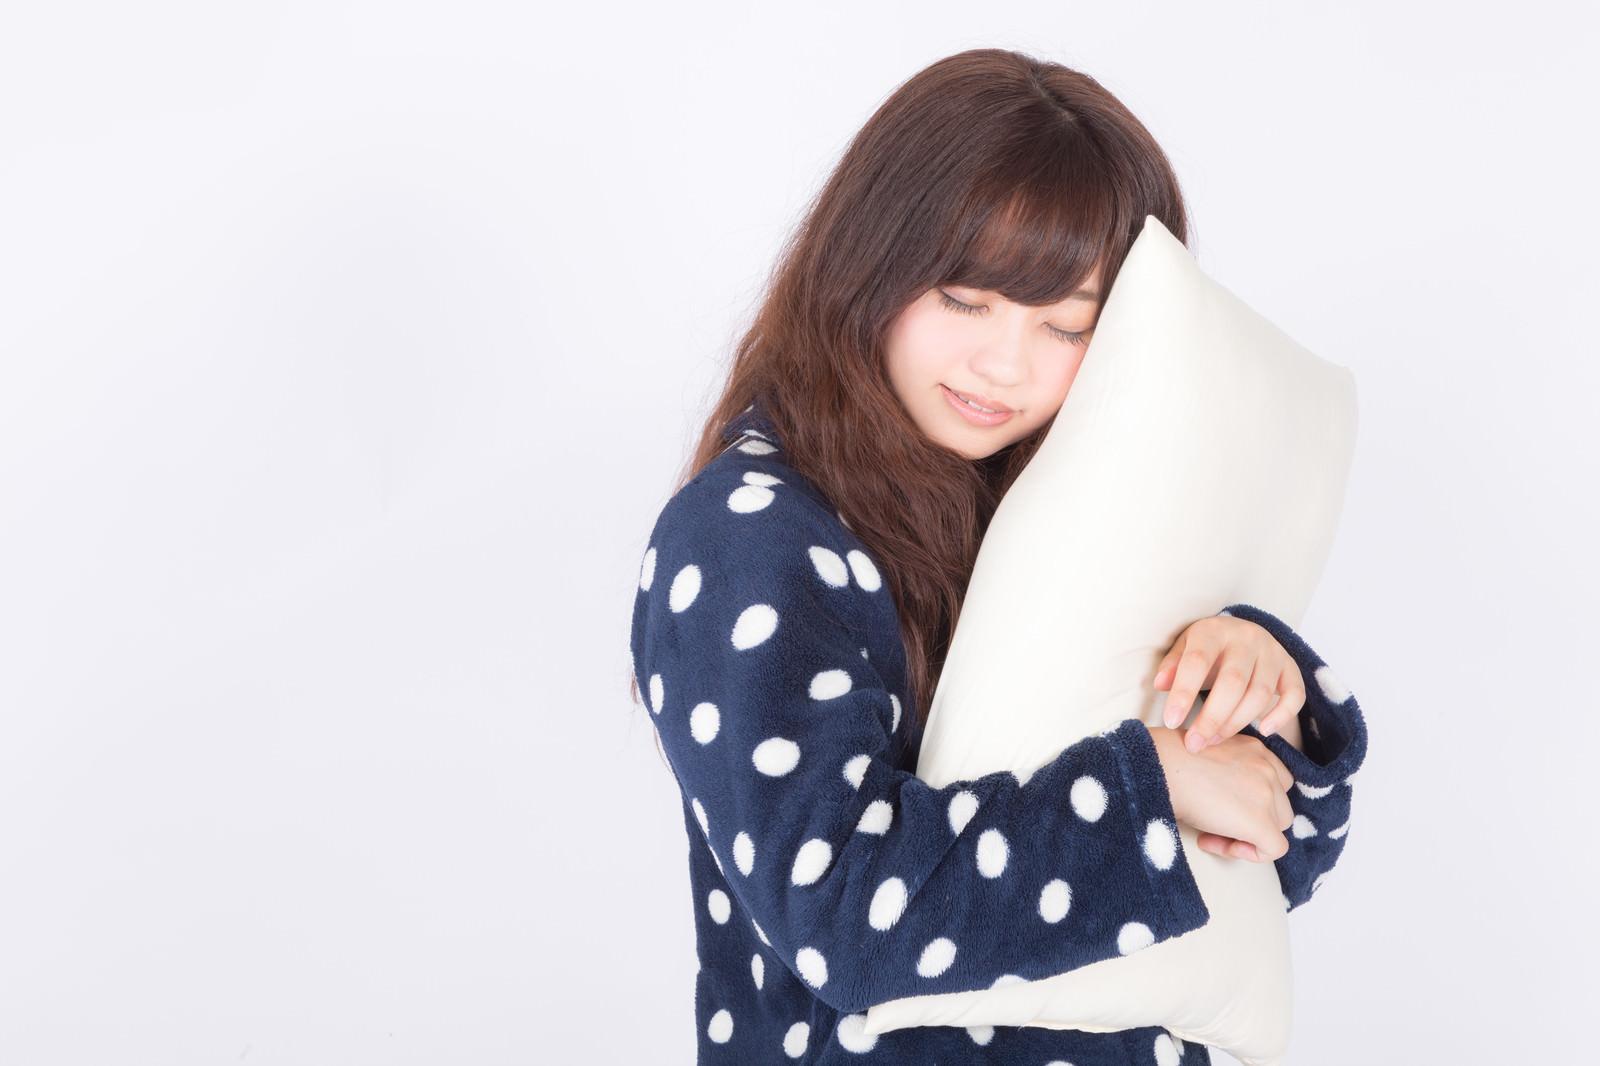 「まくらを抱いて爆睡中まくらを抱いて爆睡中」[モデル:河村友歌]のフリー写真素材を拡大